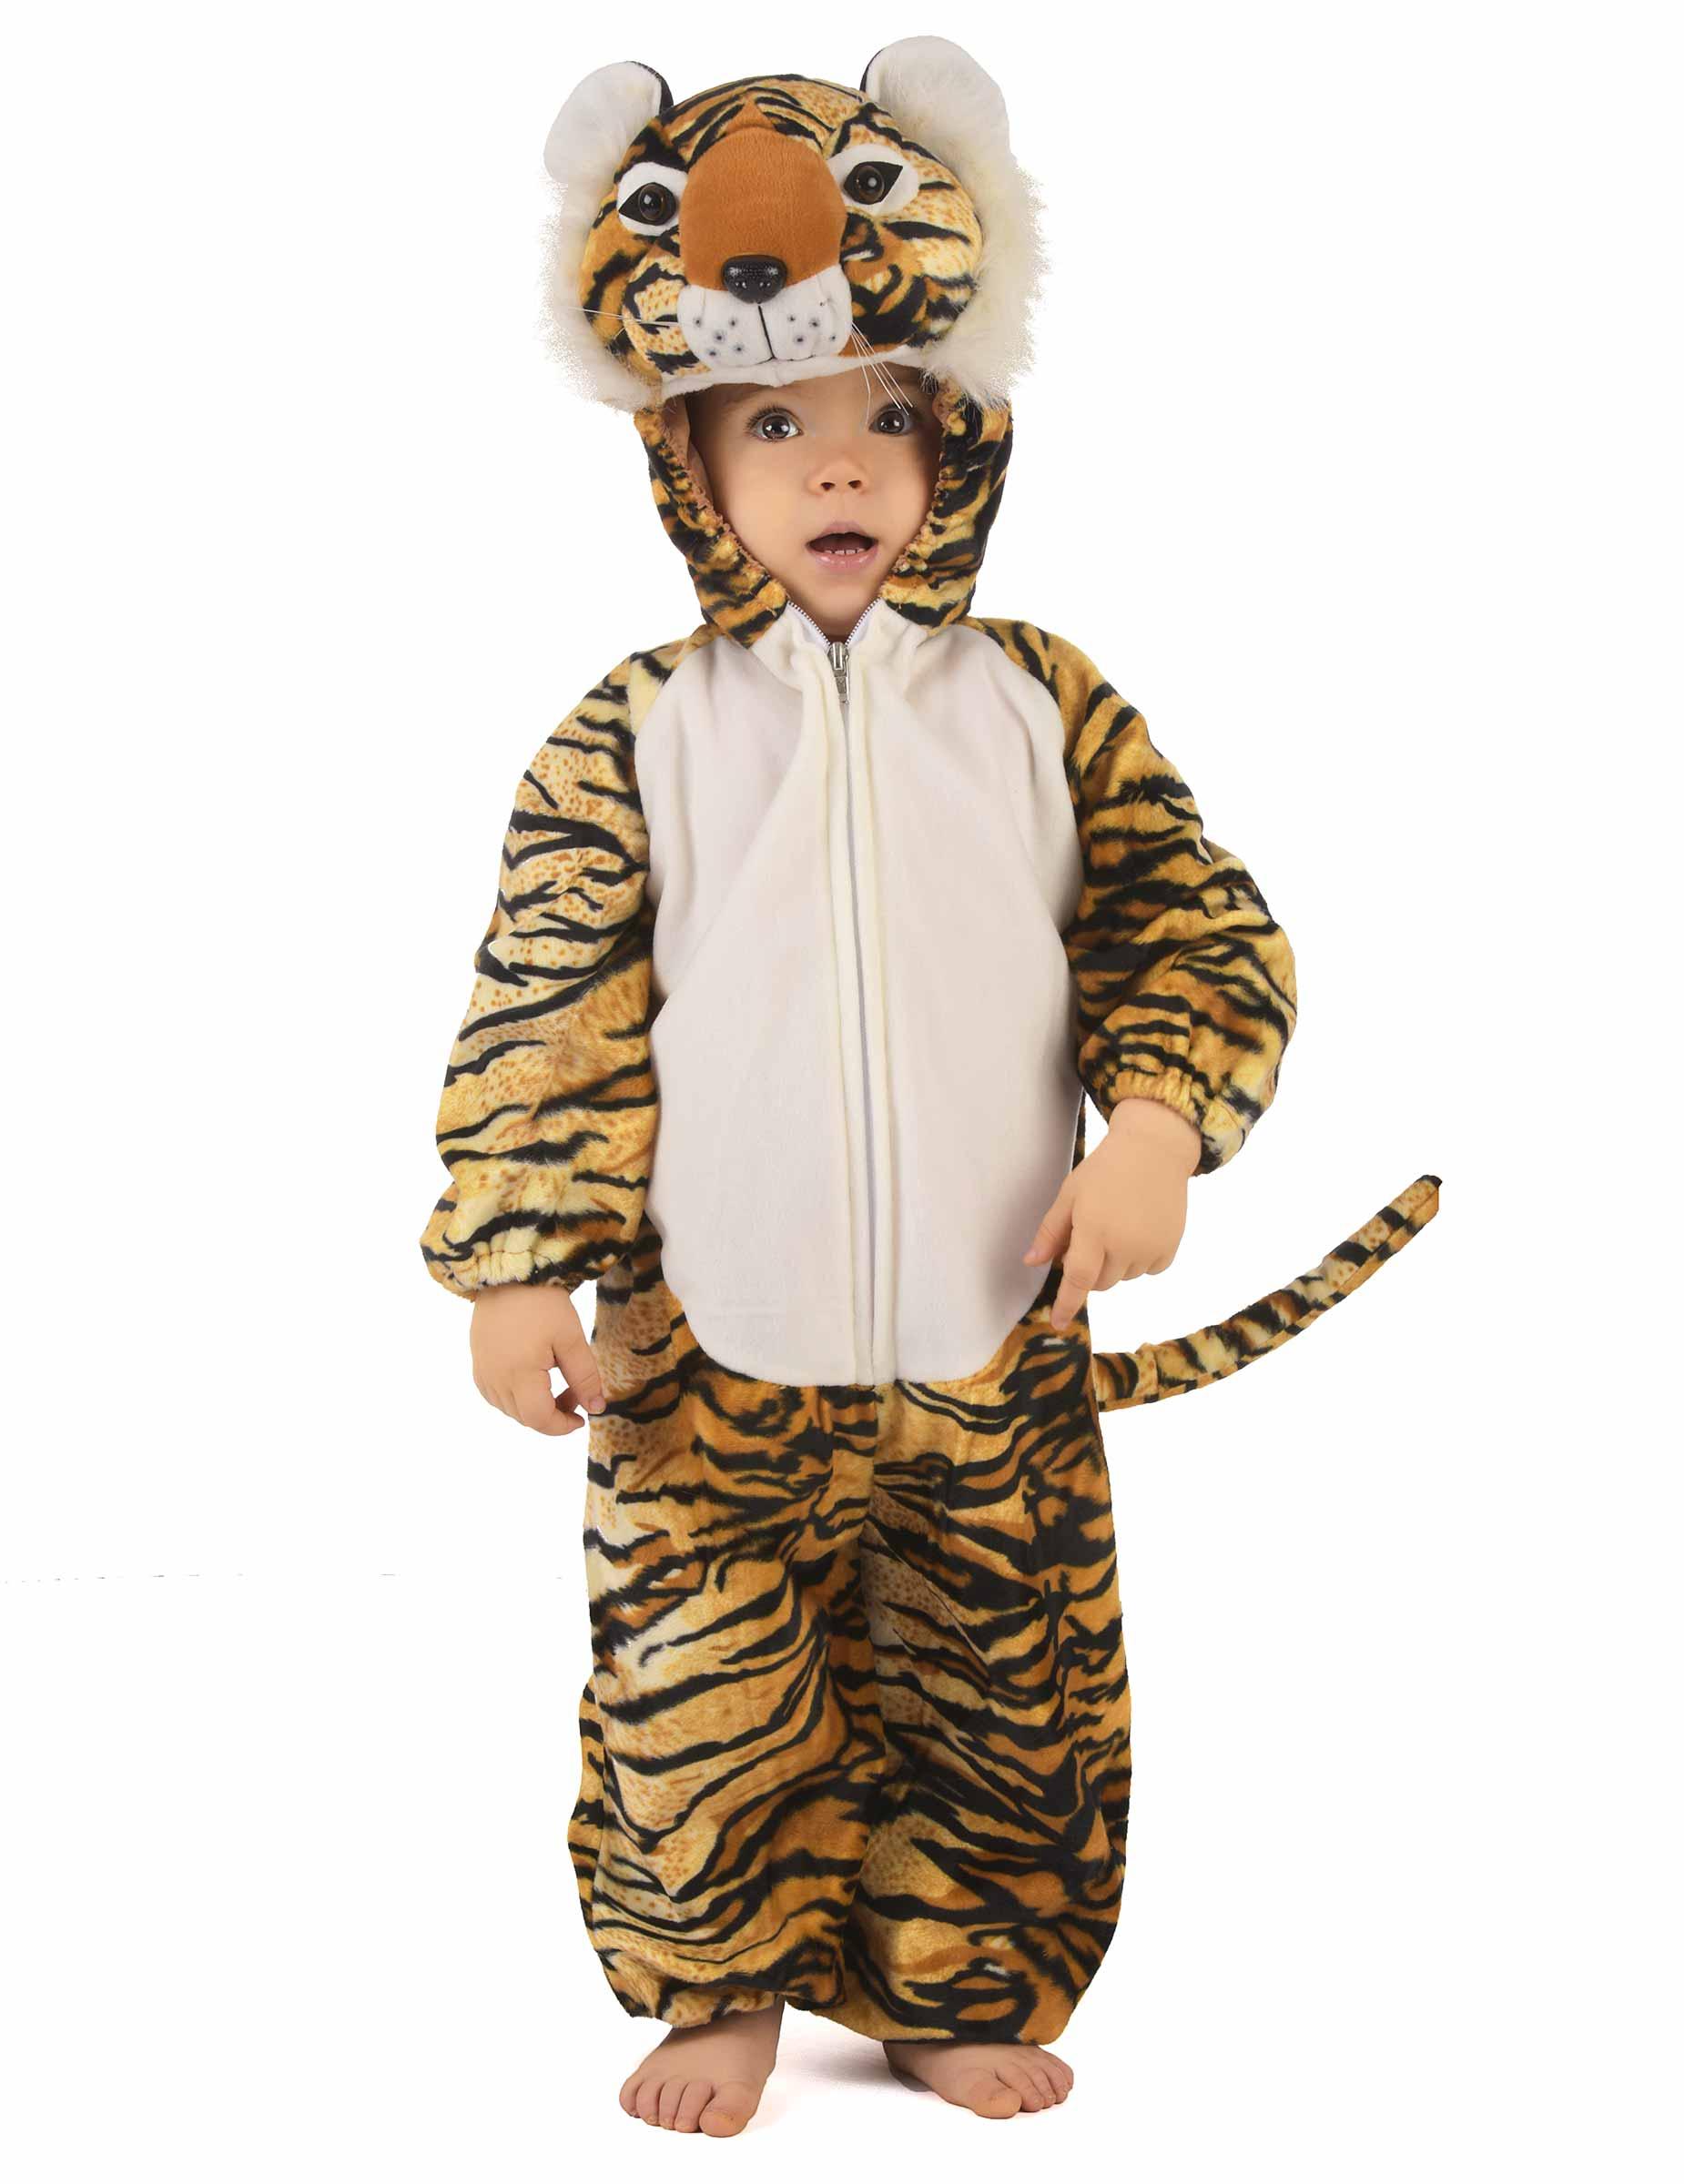 Brandneu beste Angebote für gutes Geschäft Tiger Kostüm für Kinder schwarz-beige-orangefarben